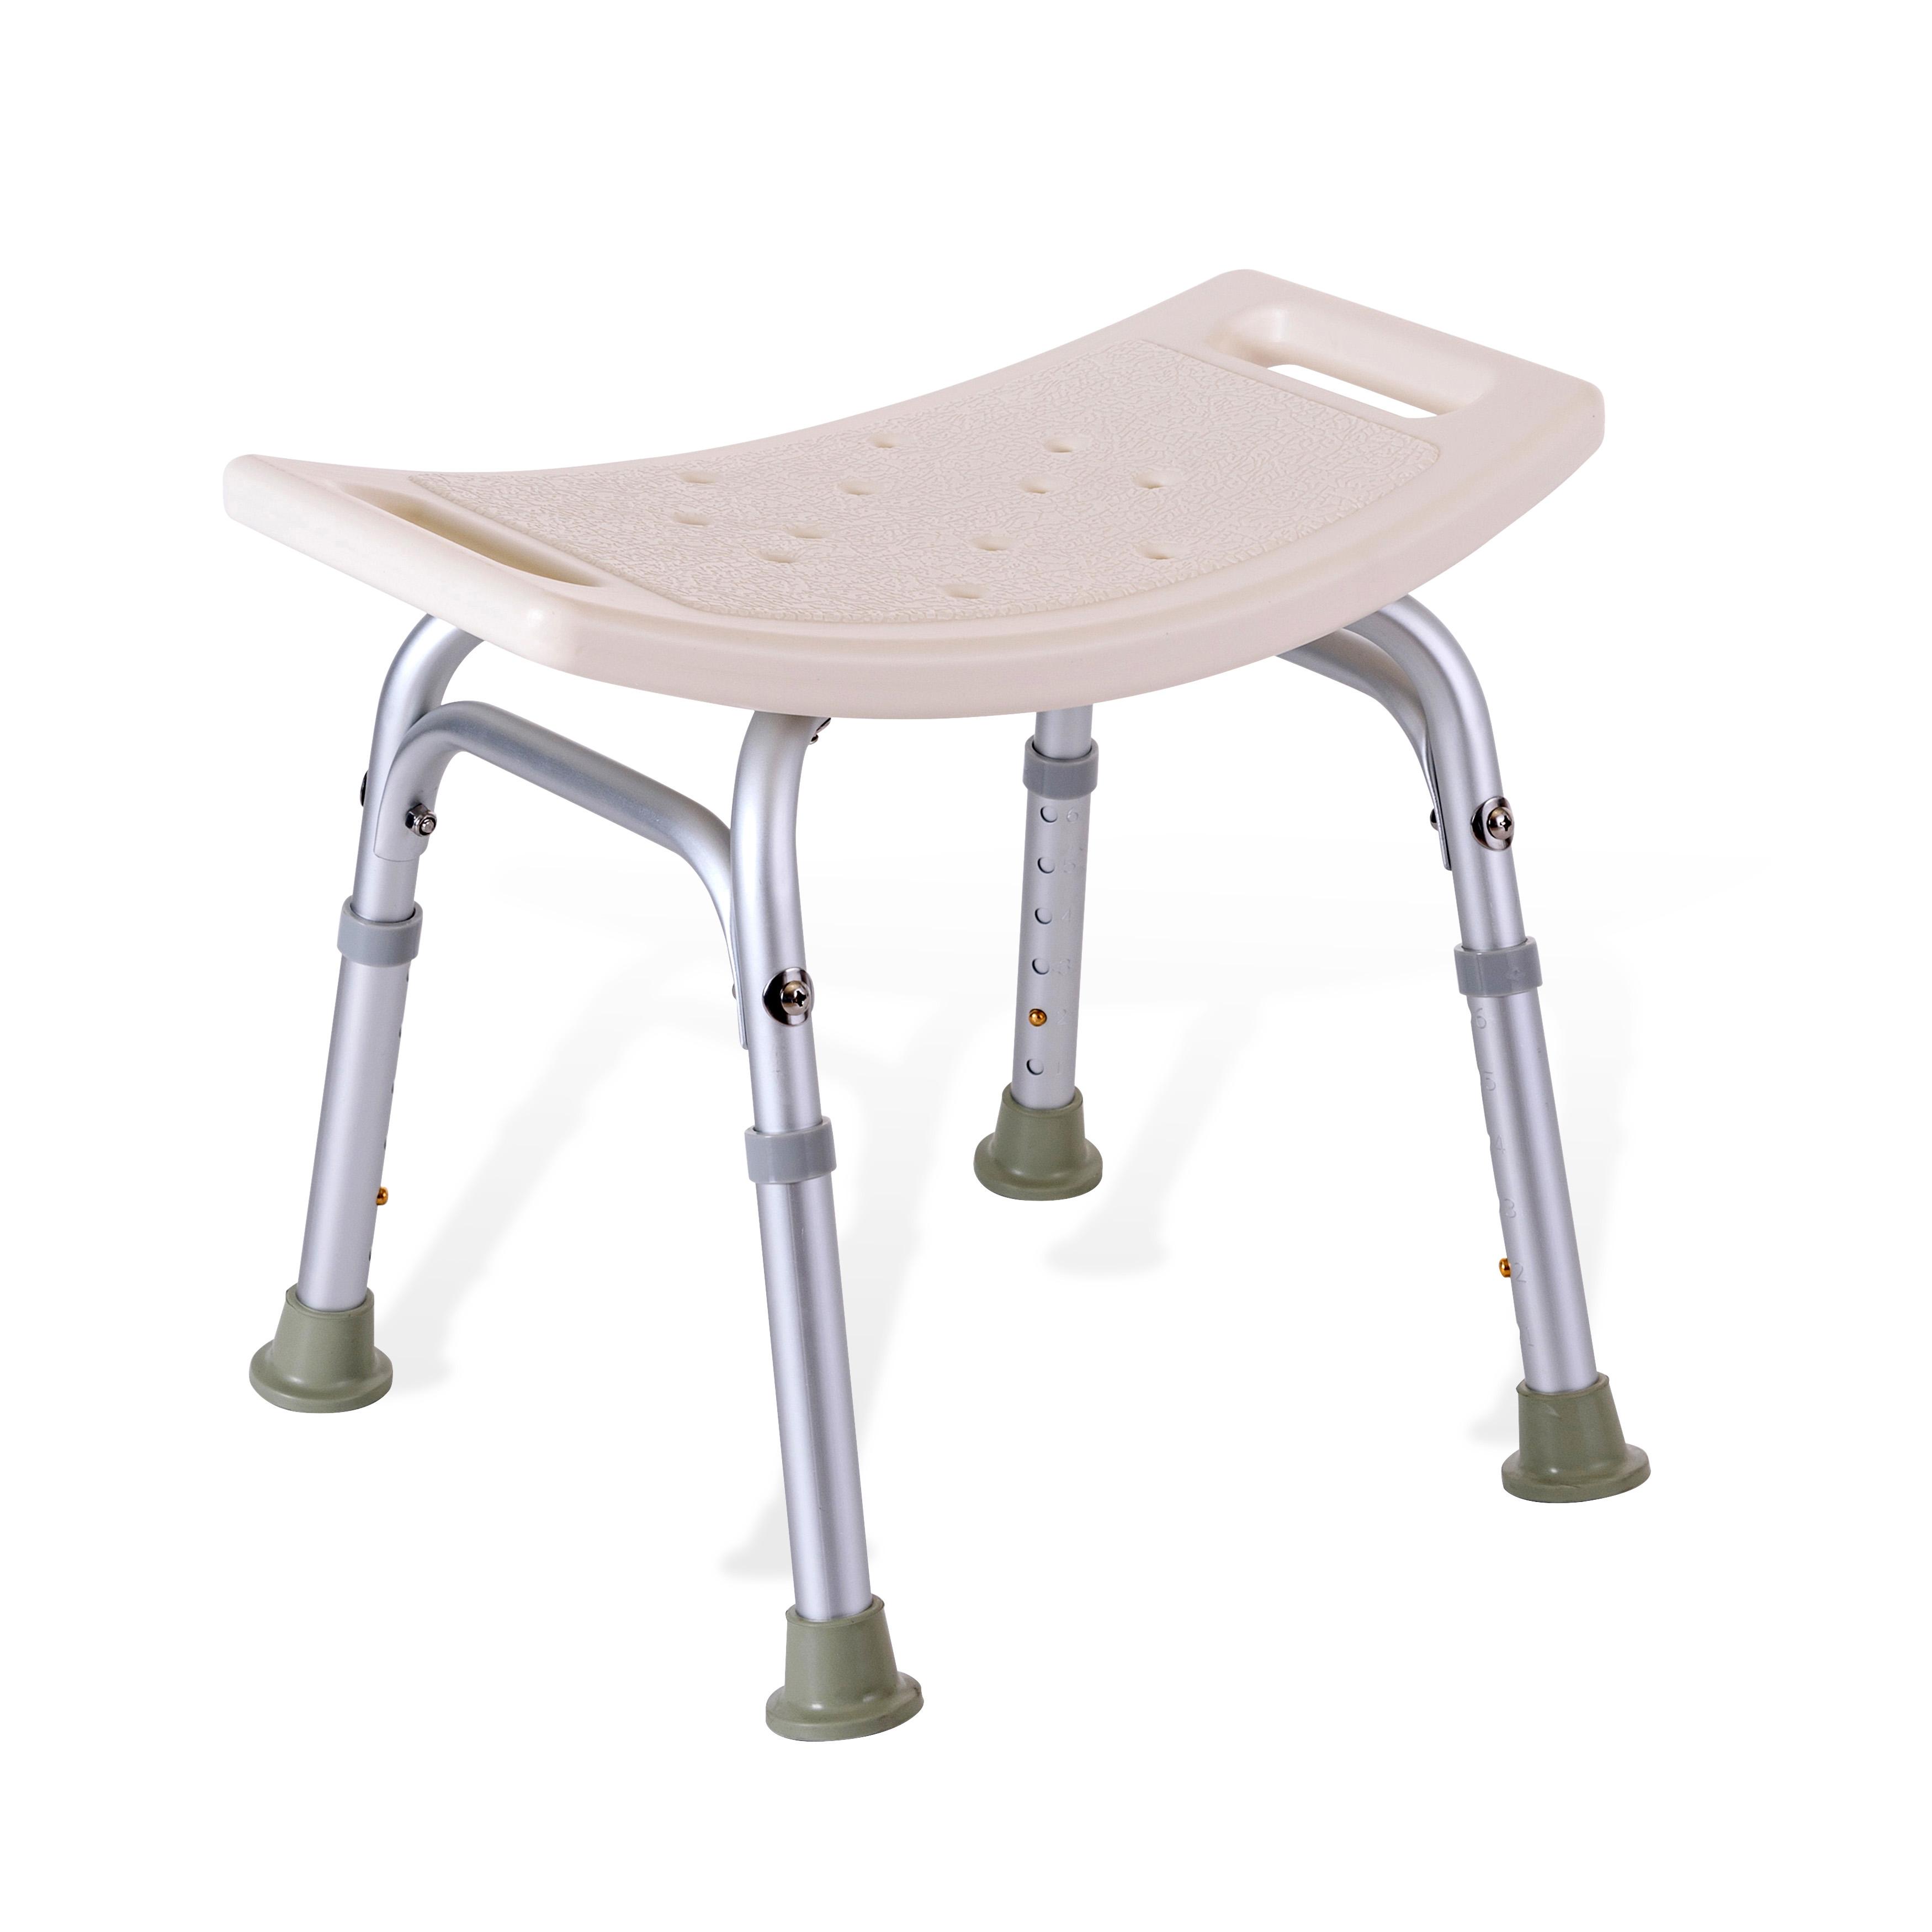 立德稳洗澡椅子老人洗澡凳折叠浴室凳子洗澡凳立德稳浴室凳子特价